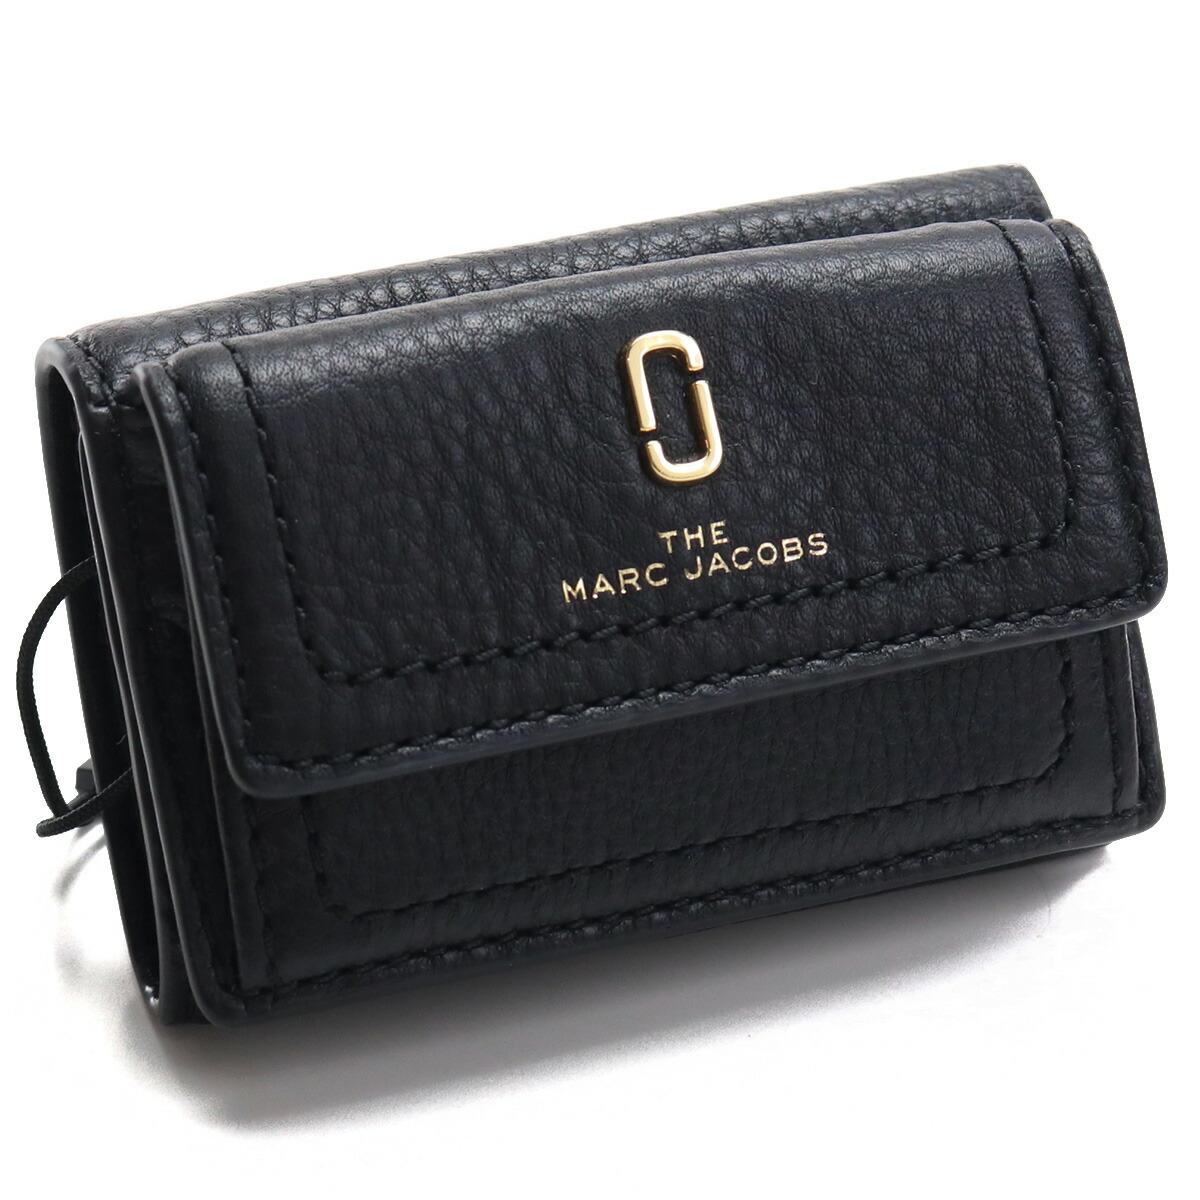 マーク・ジェイコブス MARC JACOBS MINI TRIFOLD 3つ折り財布 ミニ財布 コンパクト財布 ミニウォレット ブランド財布 M0015413 001 BLACK ブラック gsw-3